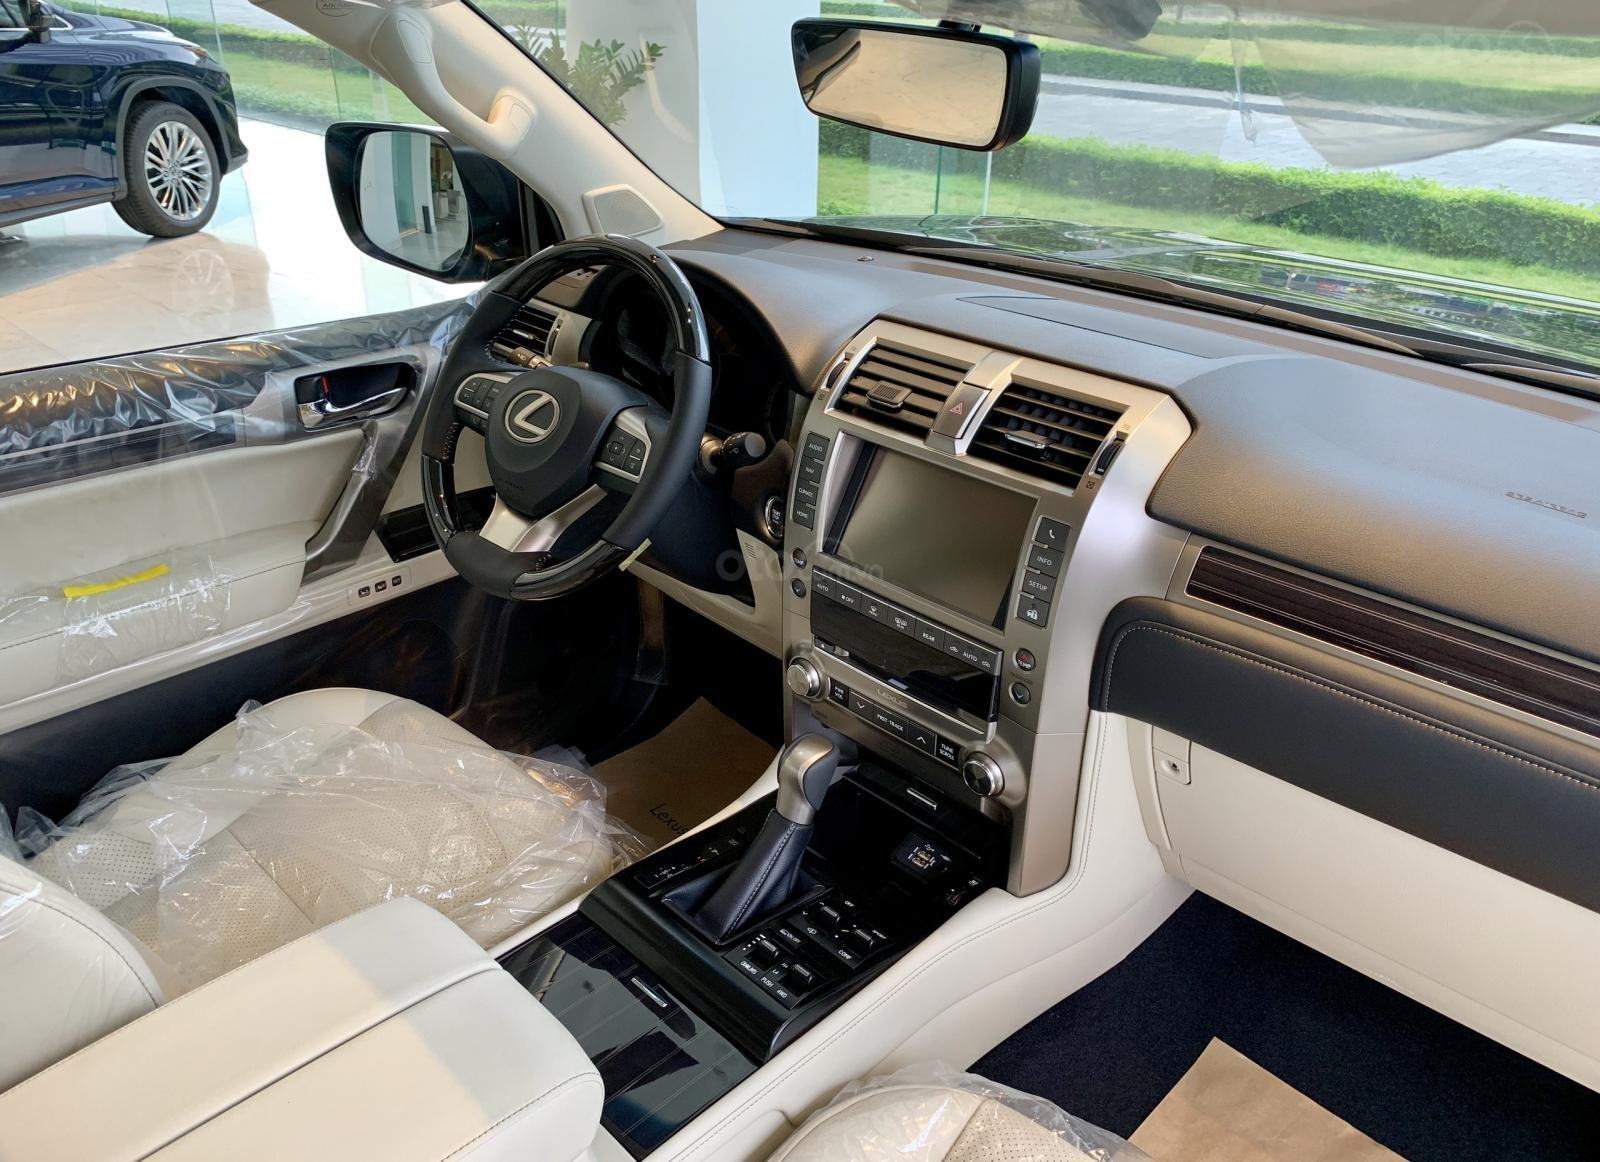 Bán Lexus GX 460 model 2021, giao xe ngay cùng khuyến mại 03 năm bảo dưỡng miễn phí tại hãng (9)